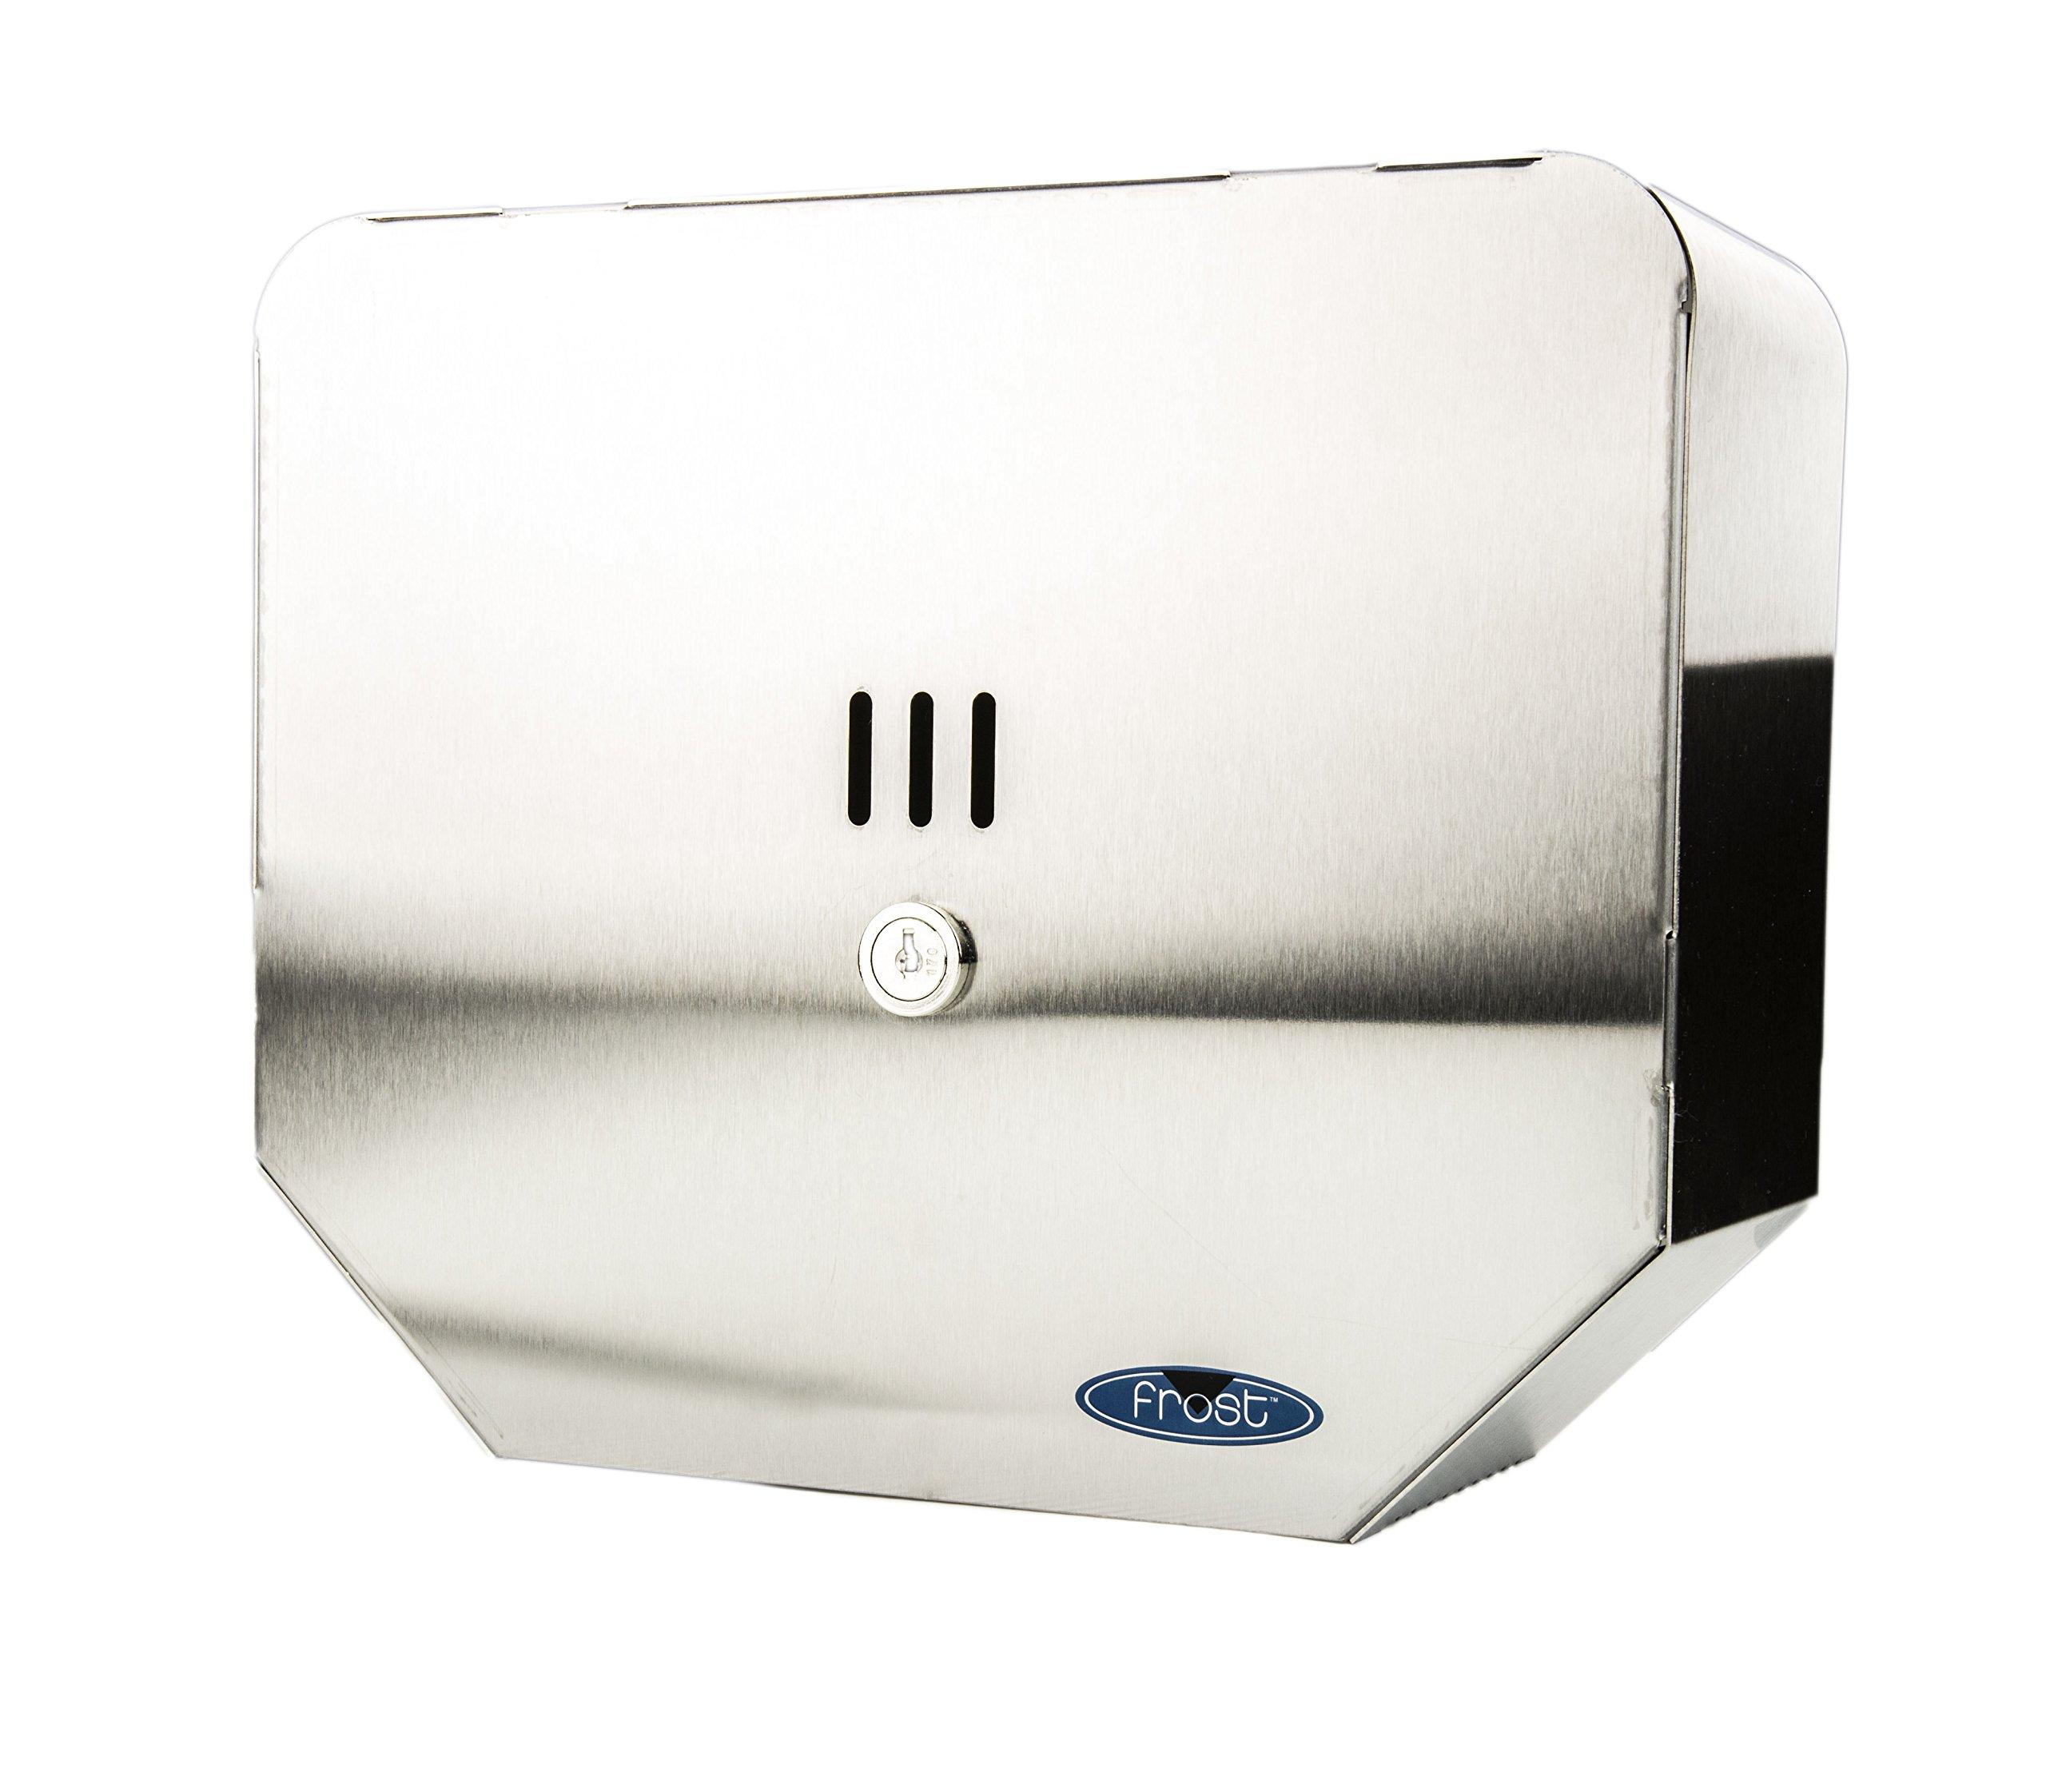 Frost 166-S Toilet Paper Dispenser, Metallic